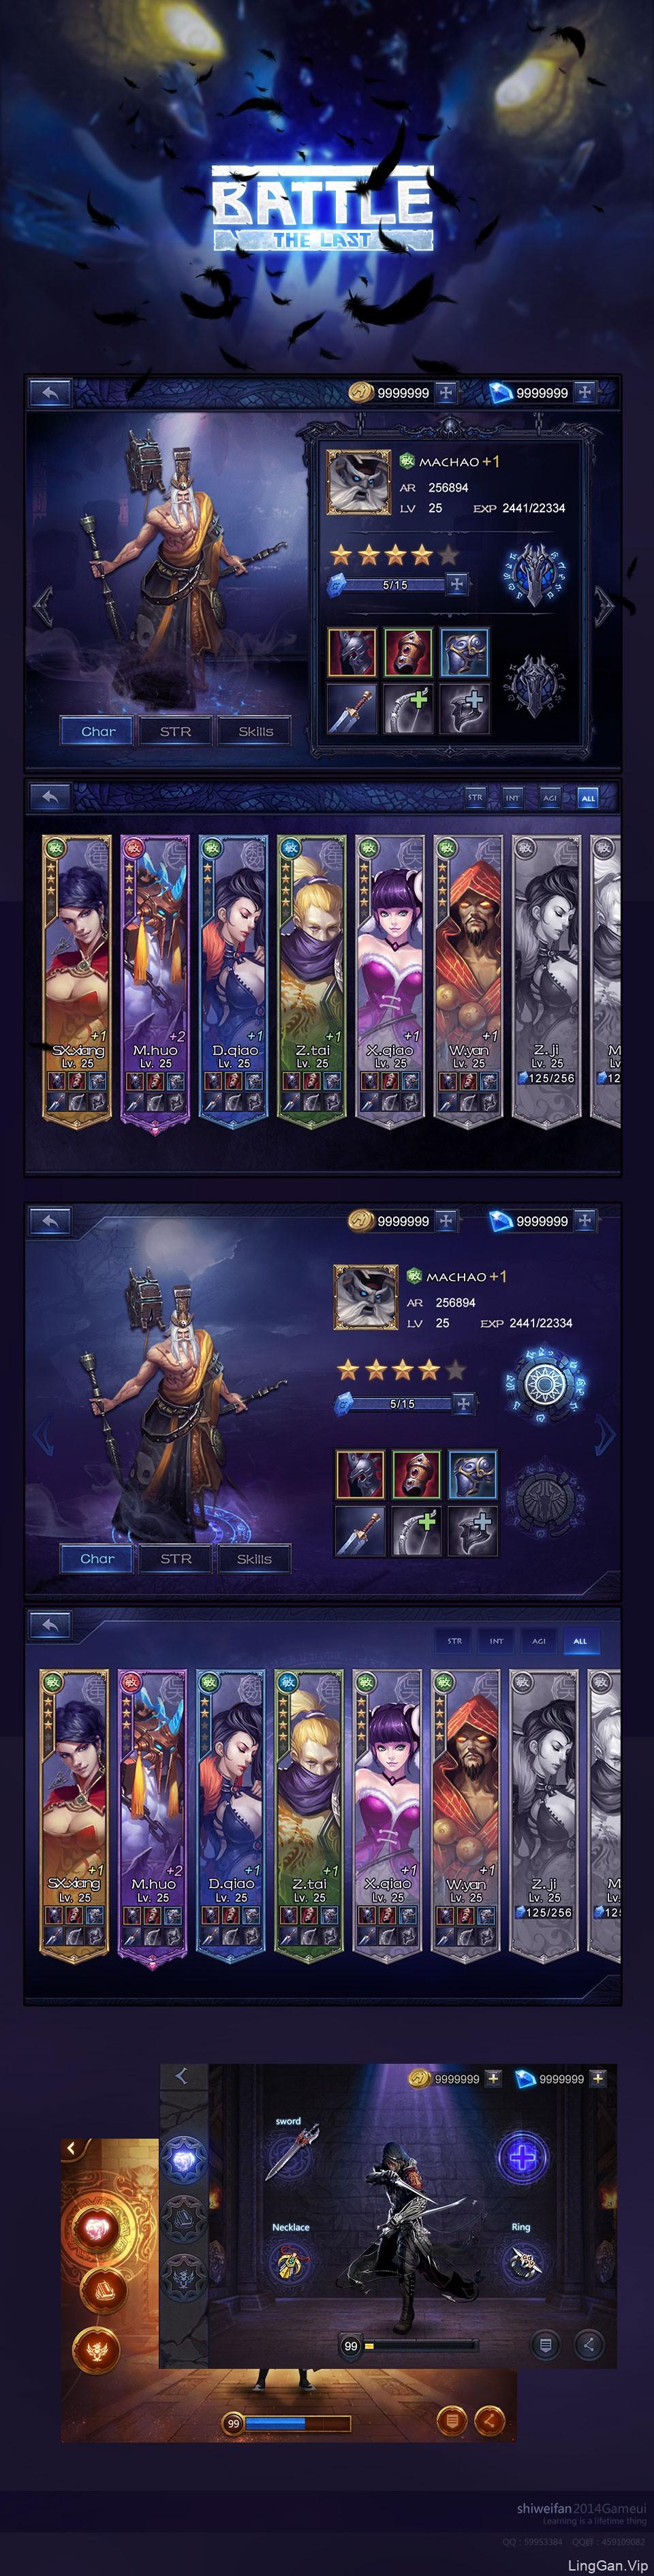 BATTLE THE LAST 游戏人物装备UI设计分享